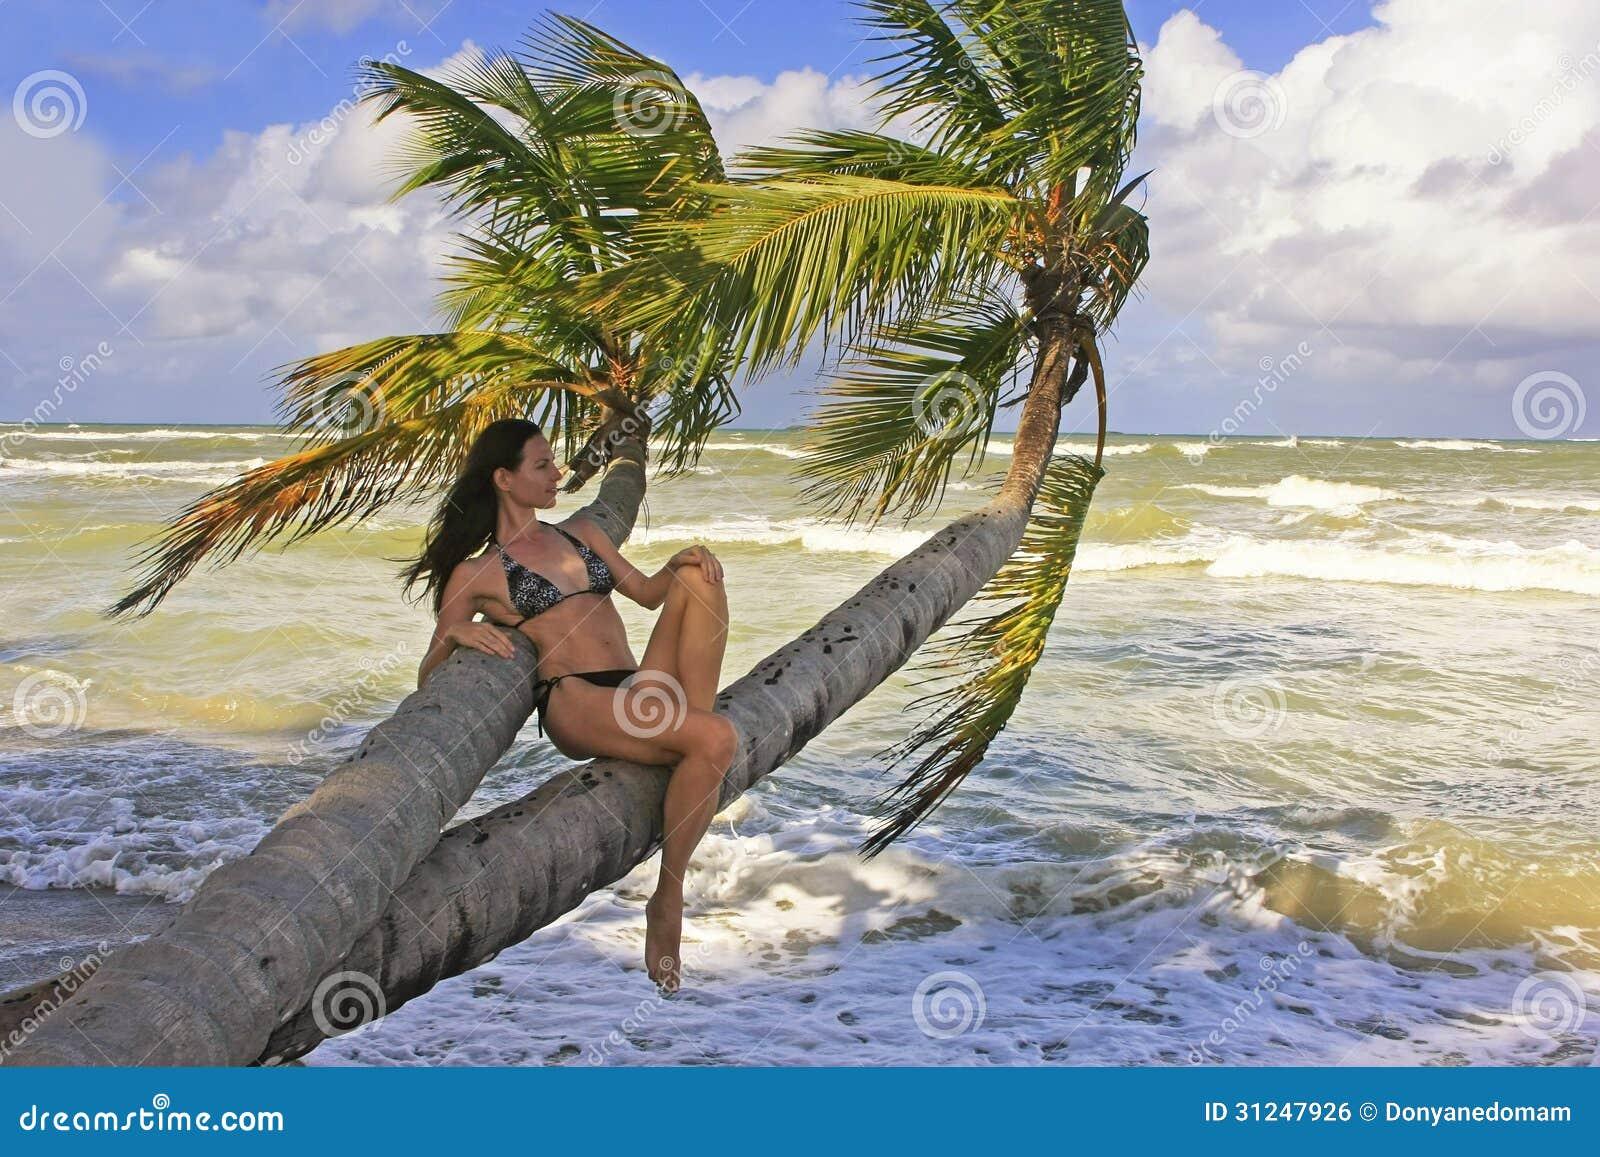 junge frau im bikini der auf palmen sitzt stockfoto bild von dominikanisch paradies 31247926. Black Bedroom Furniture Sets. Home Design Ideas